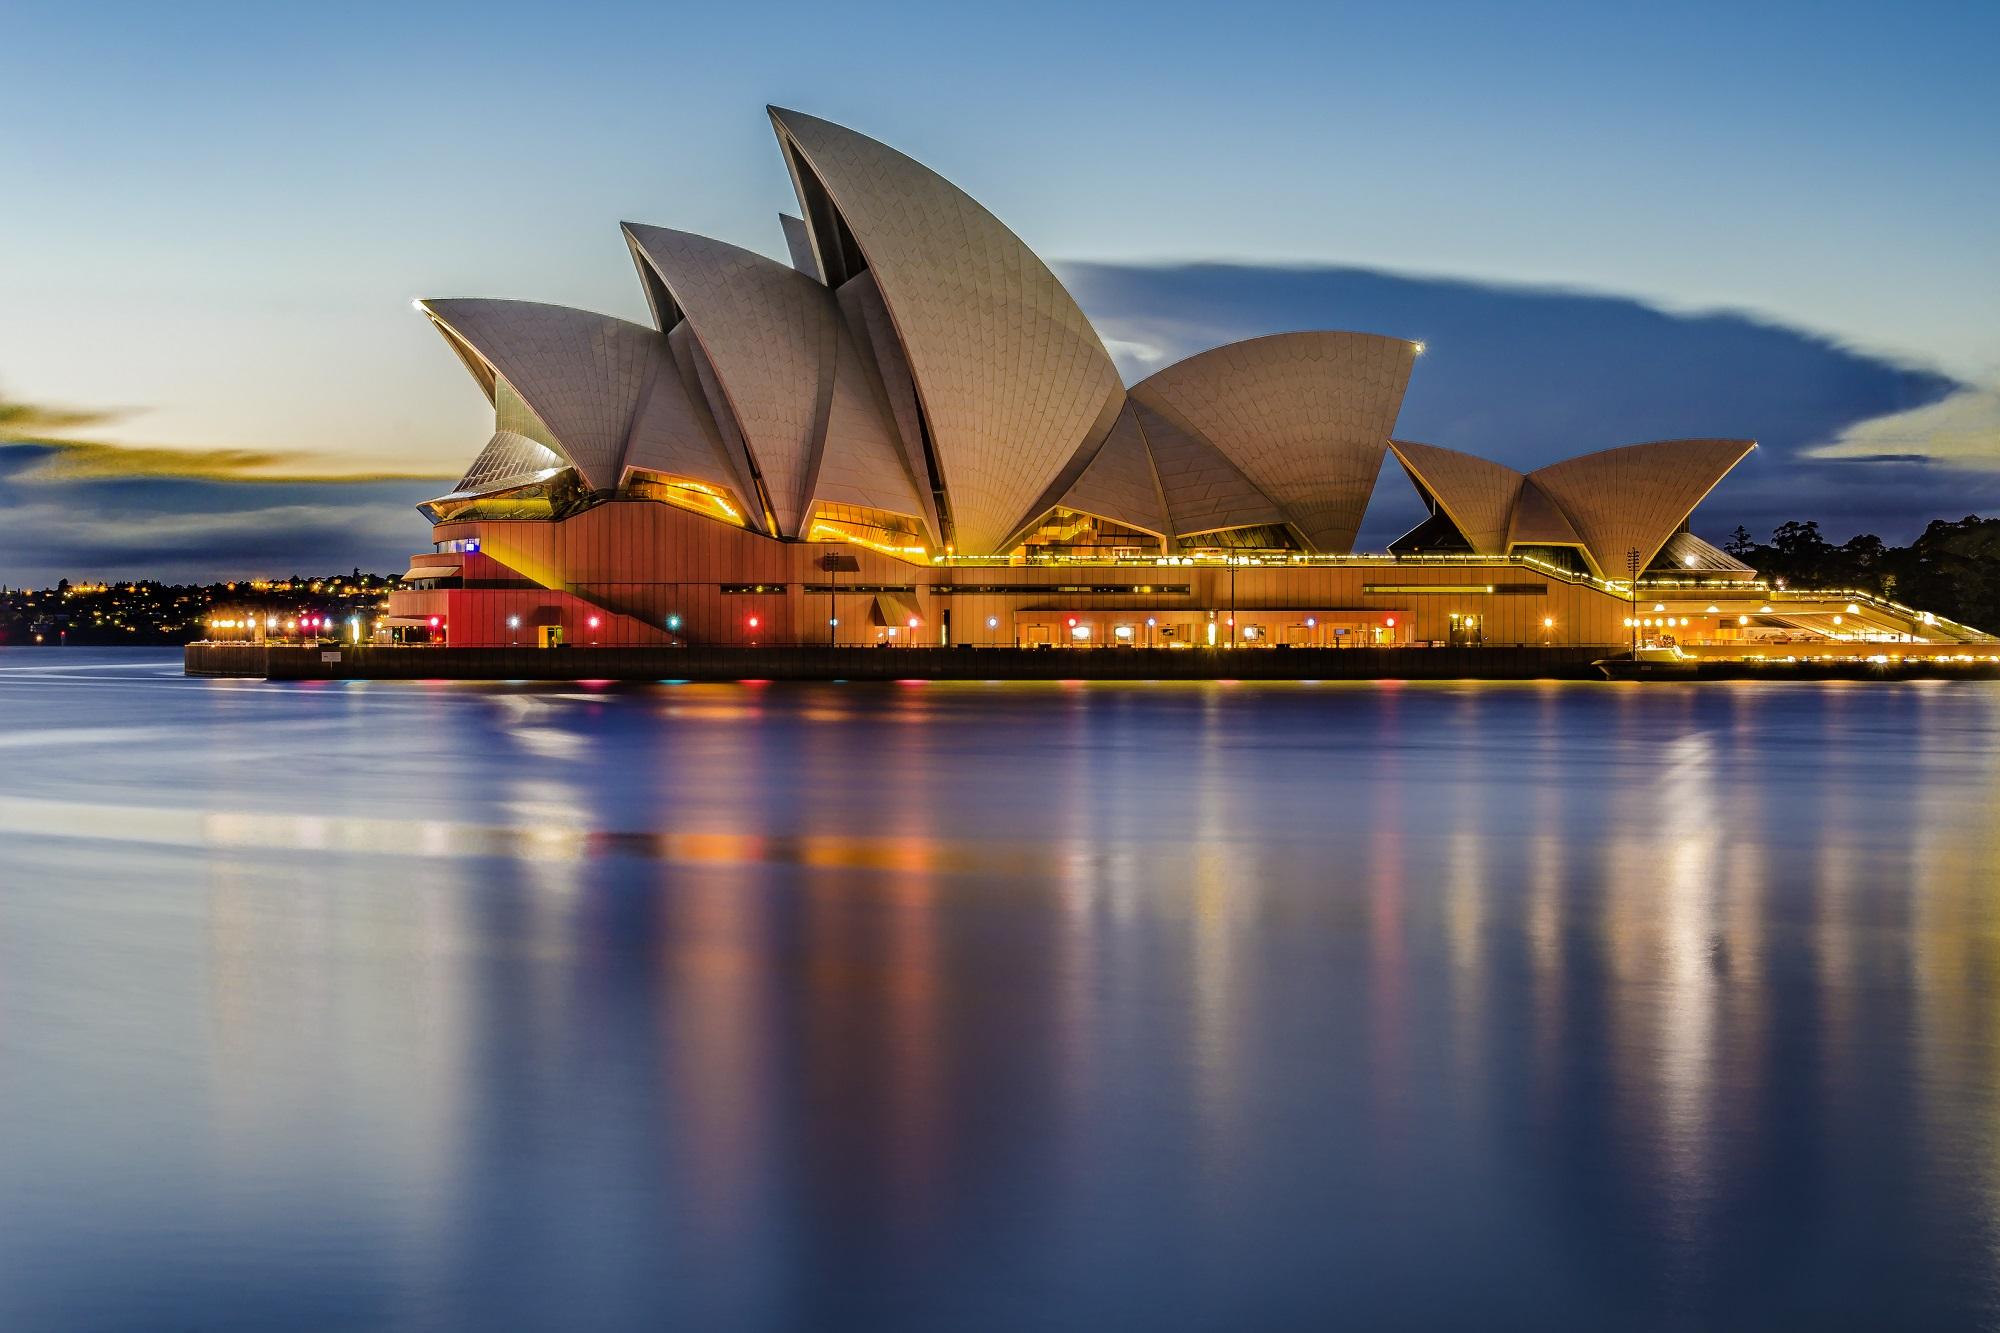 картинки и фотографии австралия это тем